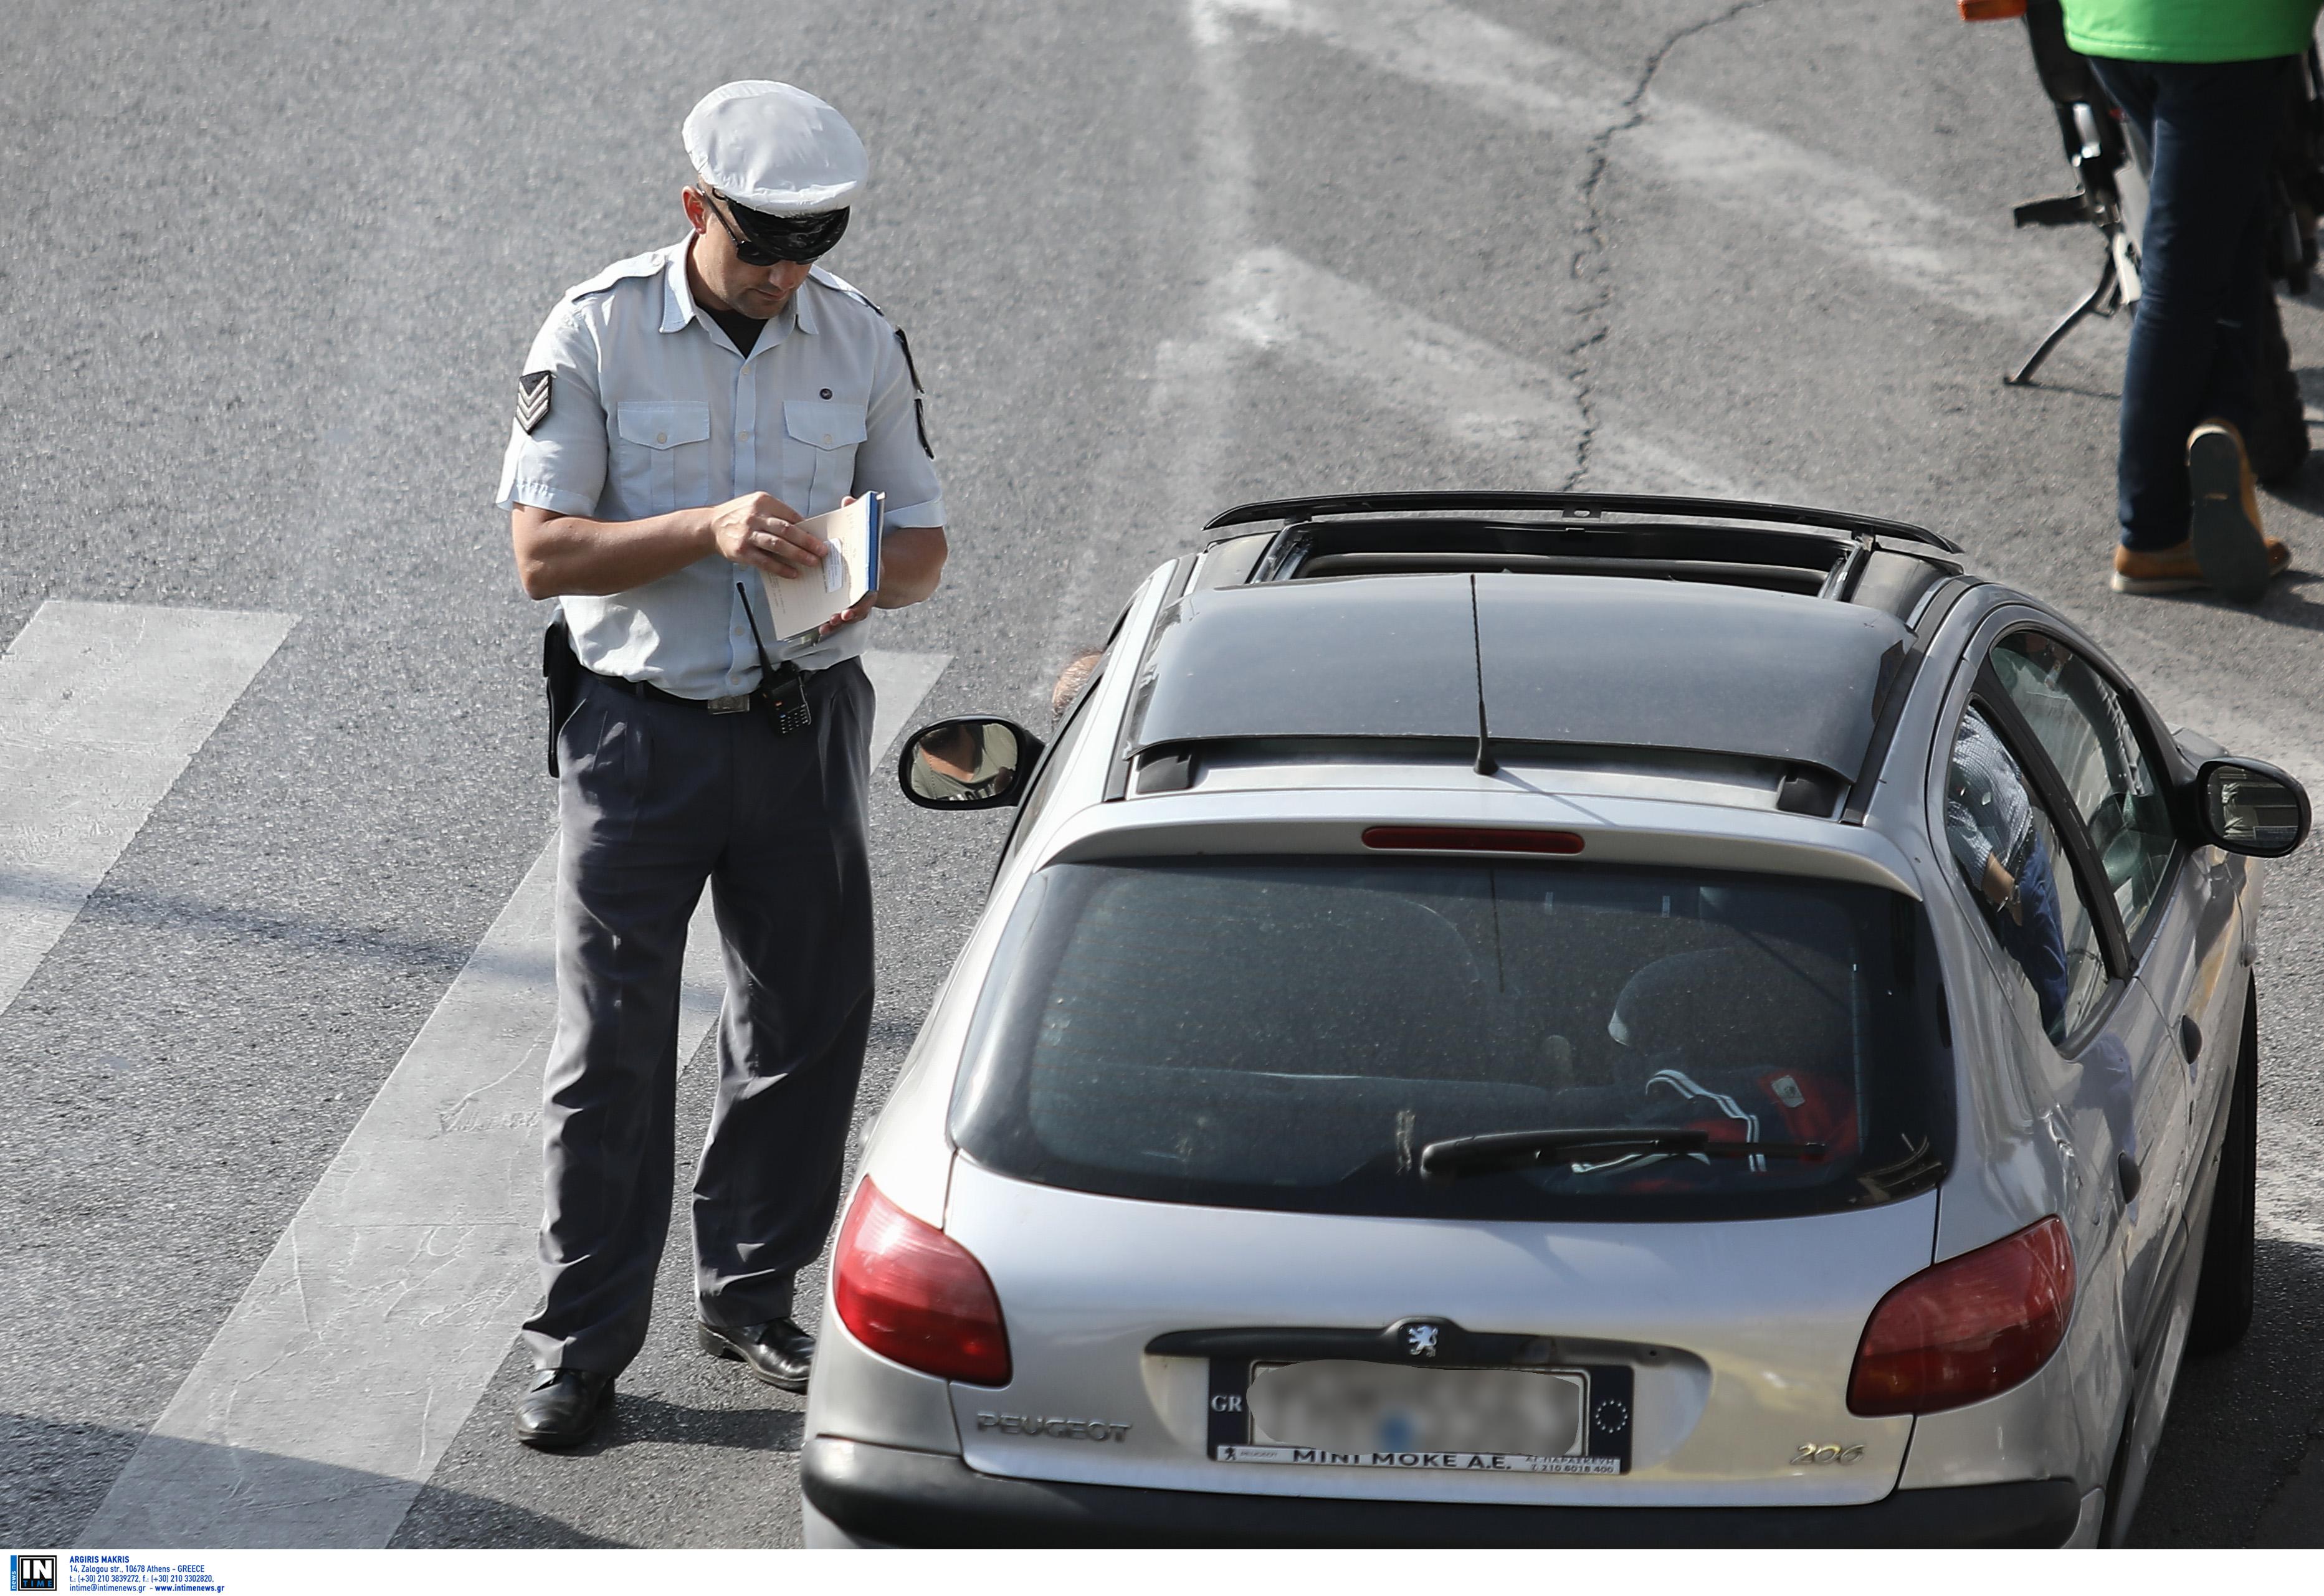 Θεσσαλονίκη: Αυτόφωρο για όσους οδηγούν επικίνδυνα στην Περιφερειακή Οδό